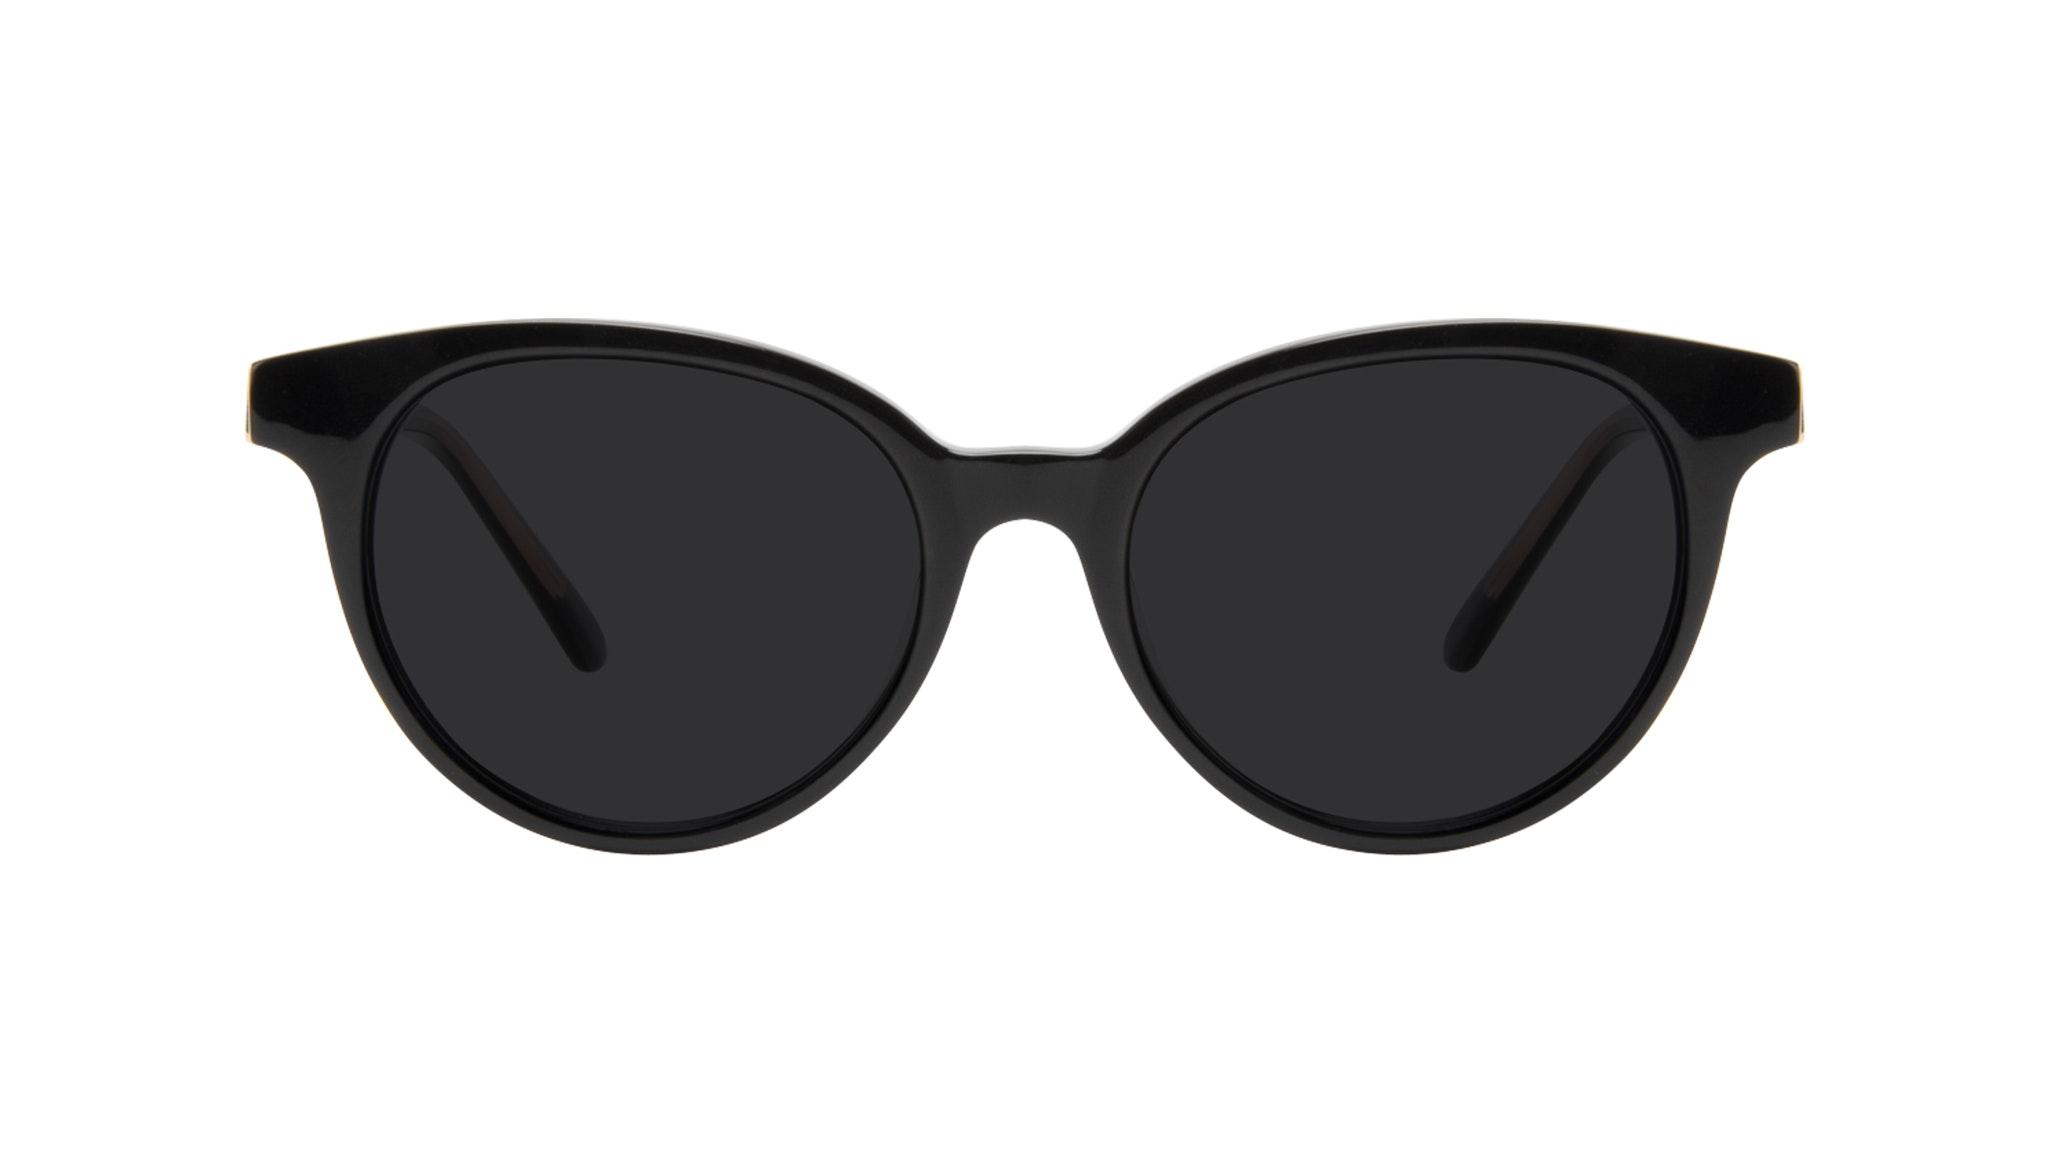 Lunettes tendance Ronde Lunettes de soleil Femmes Bright Black Face